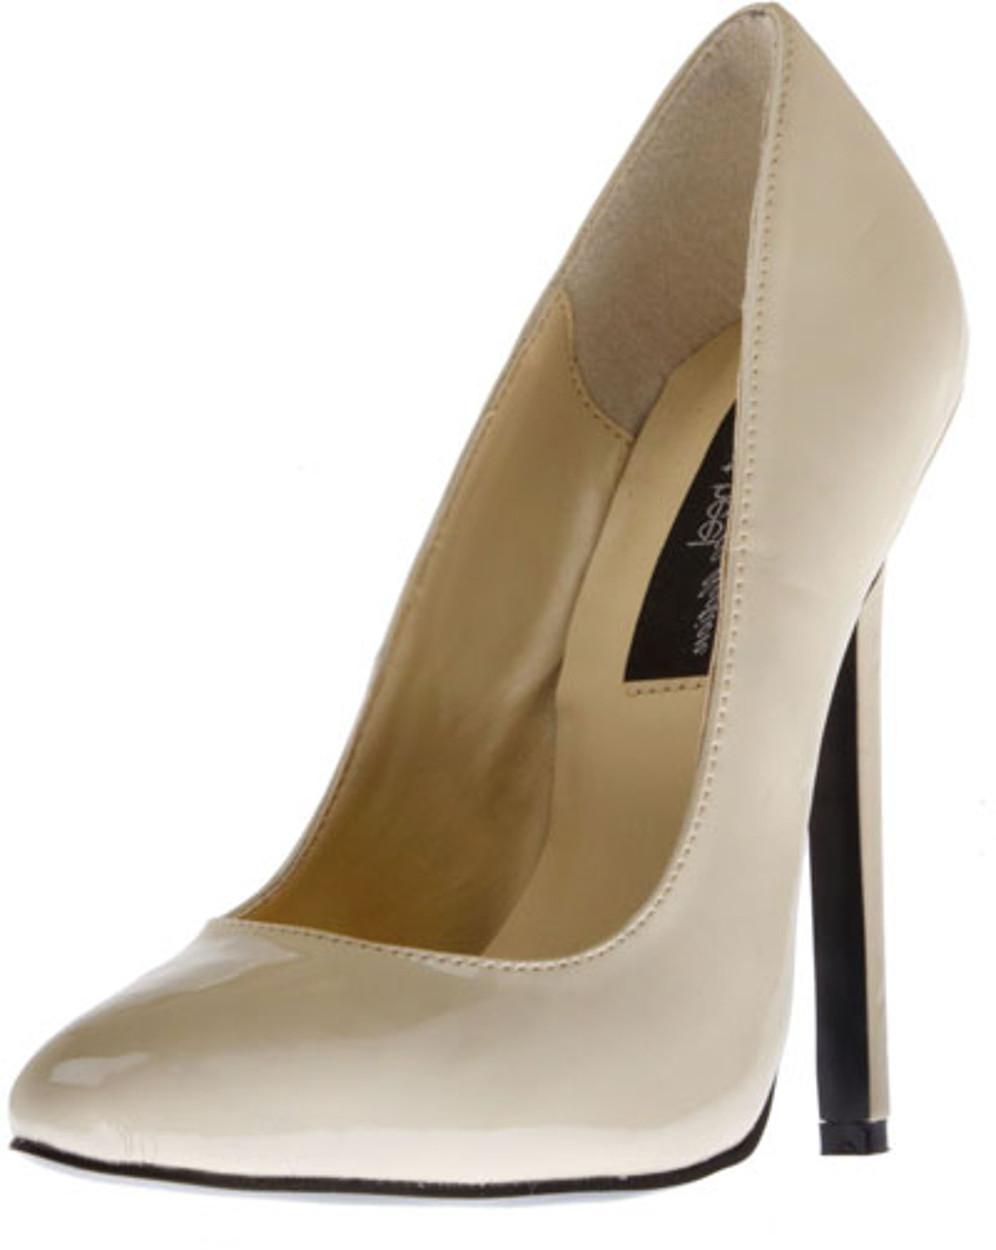 """Women's Highest Heel Shoes 5 1/4"""" Heel Pump - Beige Patent"""